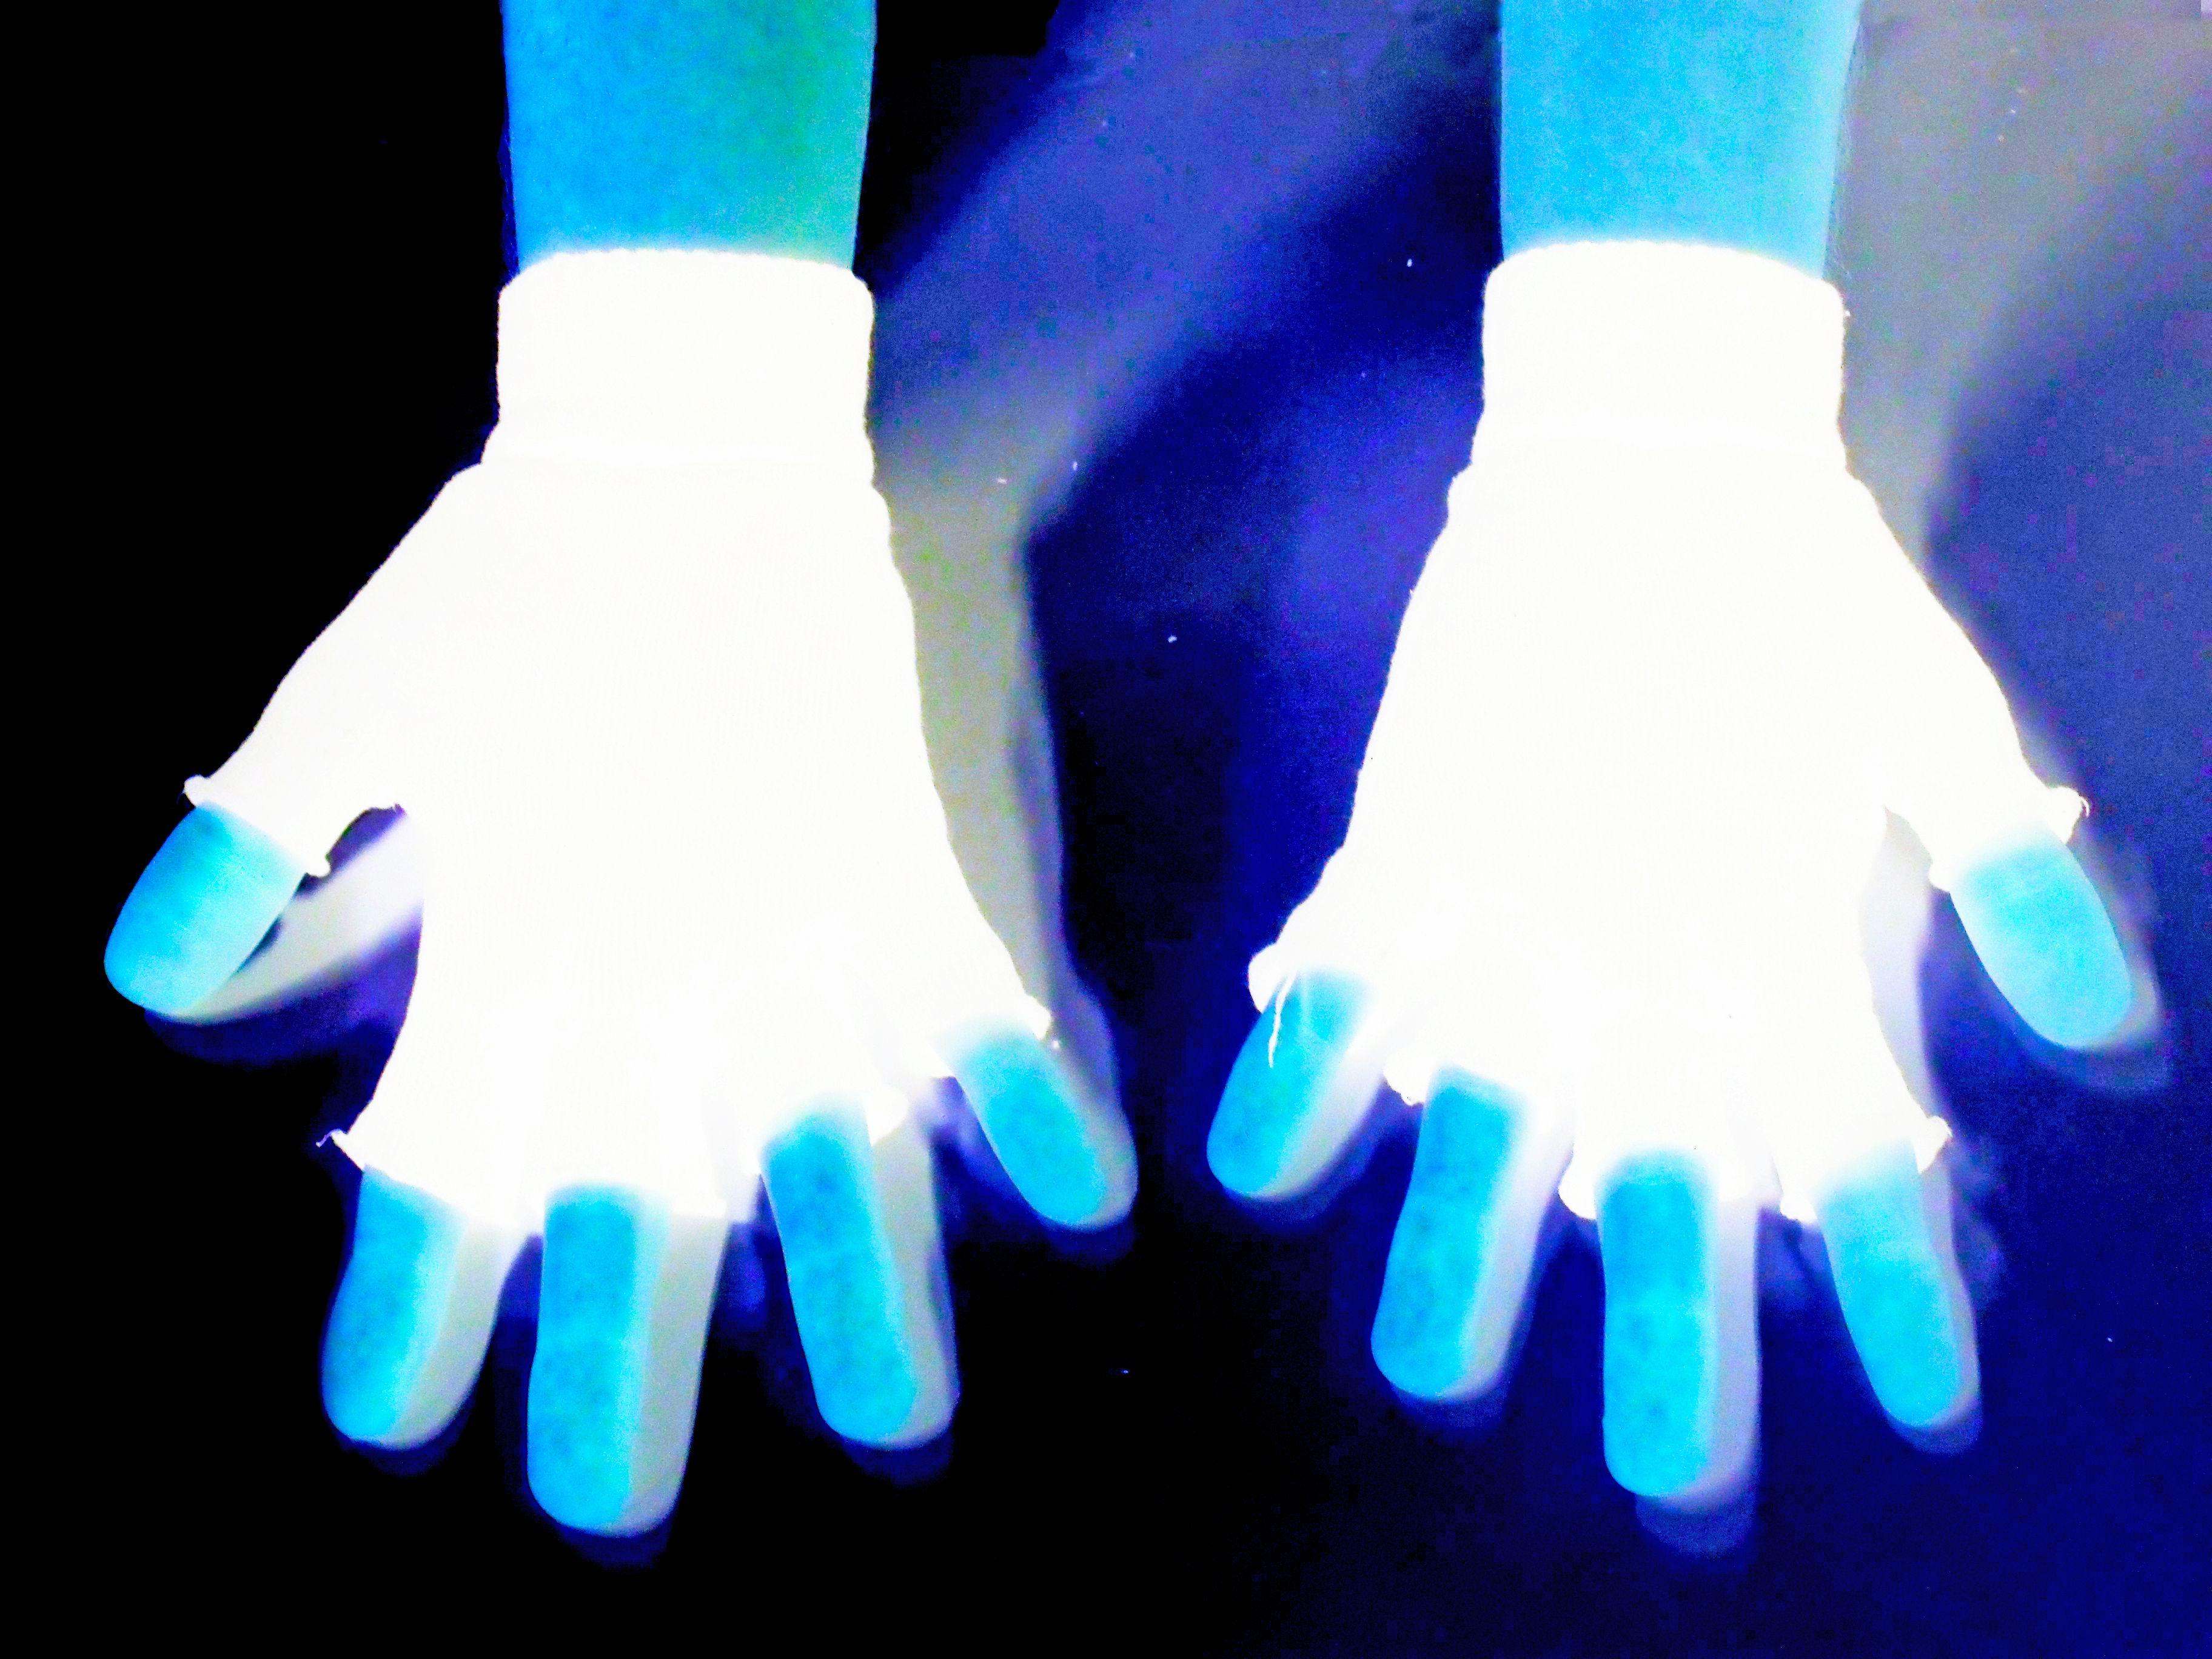 AS LUVAS  Como eu sou a única pessoa que eu conheço que usa quase todo dia luvas abertas nas  pontas, eu as utilizei para me representar, vendo-se que(pelo menos entre as pessoas ao meu redor) eu sou o único que as uso e isso é uma característica única minha. Eu fiz a inversão para parecer que a minha mão e  luvas estivessem por aí no universo, sozinhas  e únicas. Leonardo Lima             turma: 1002